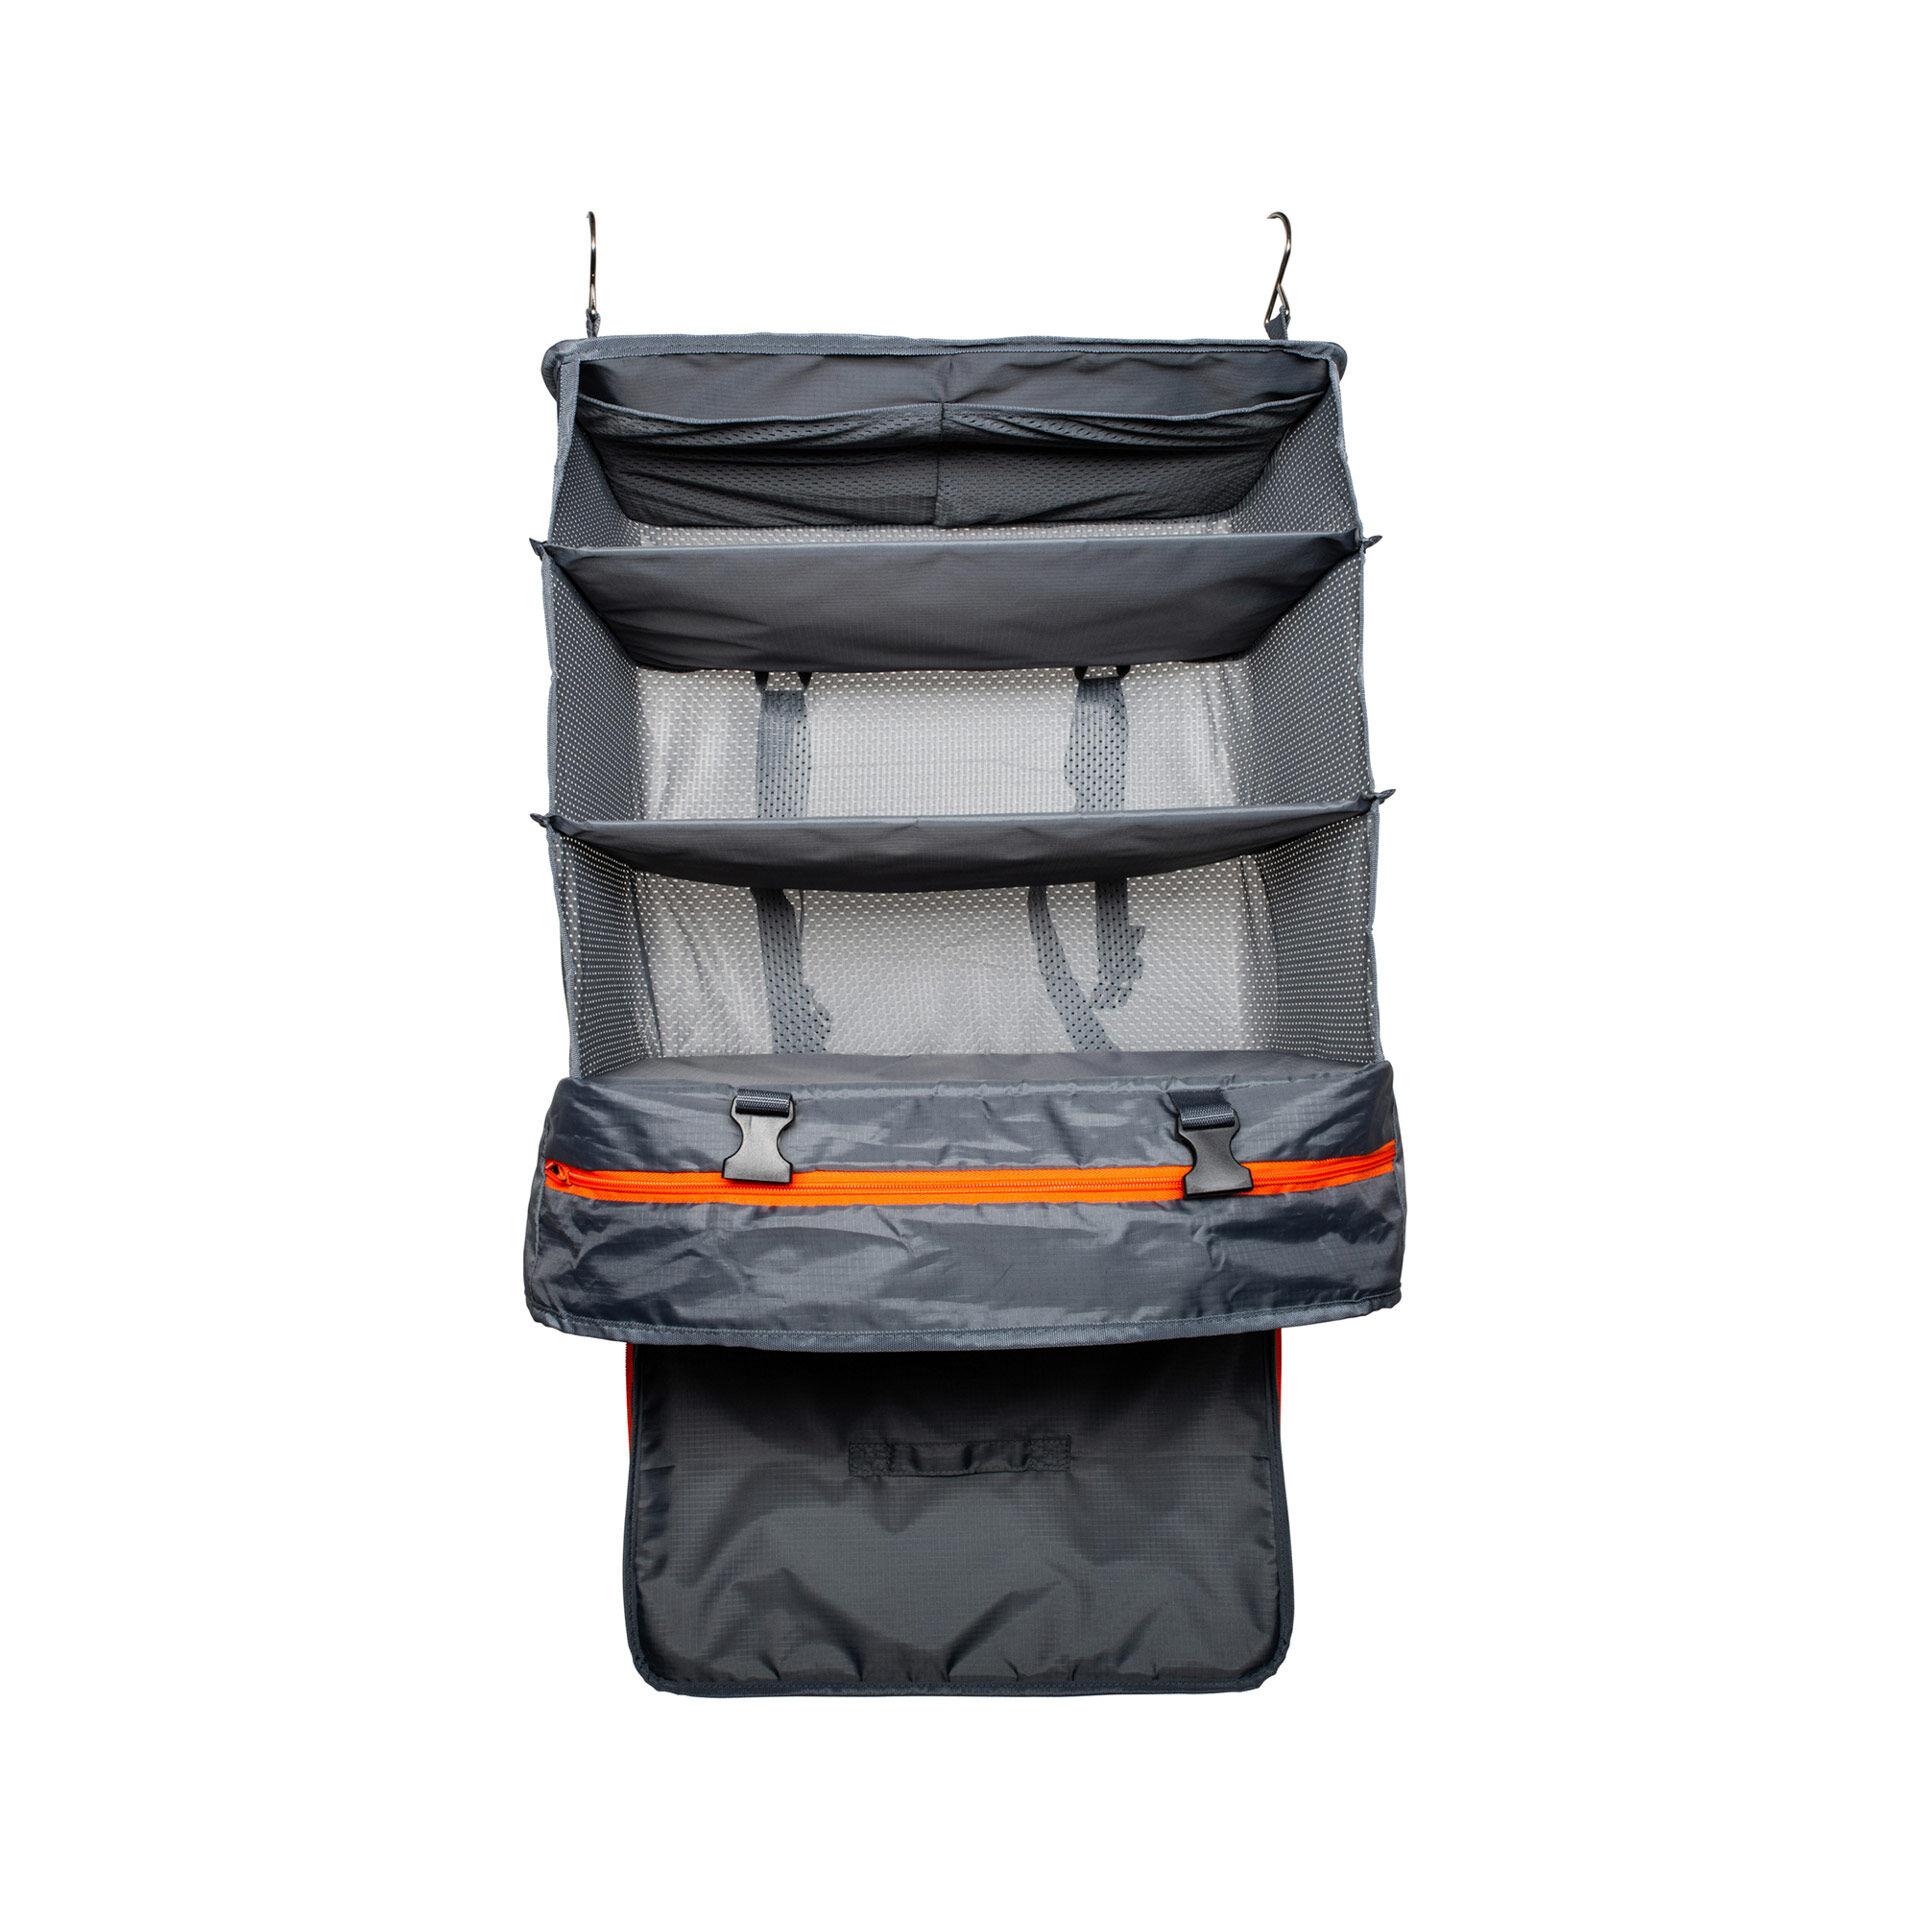 Organisateur de valise à compartiments, , large